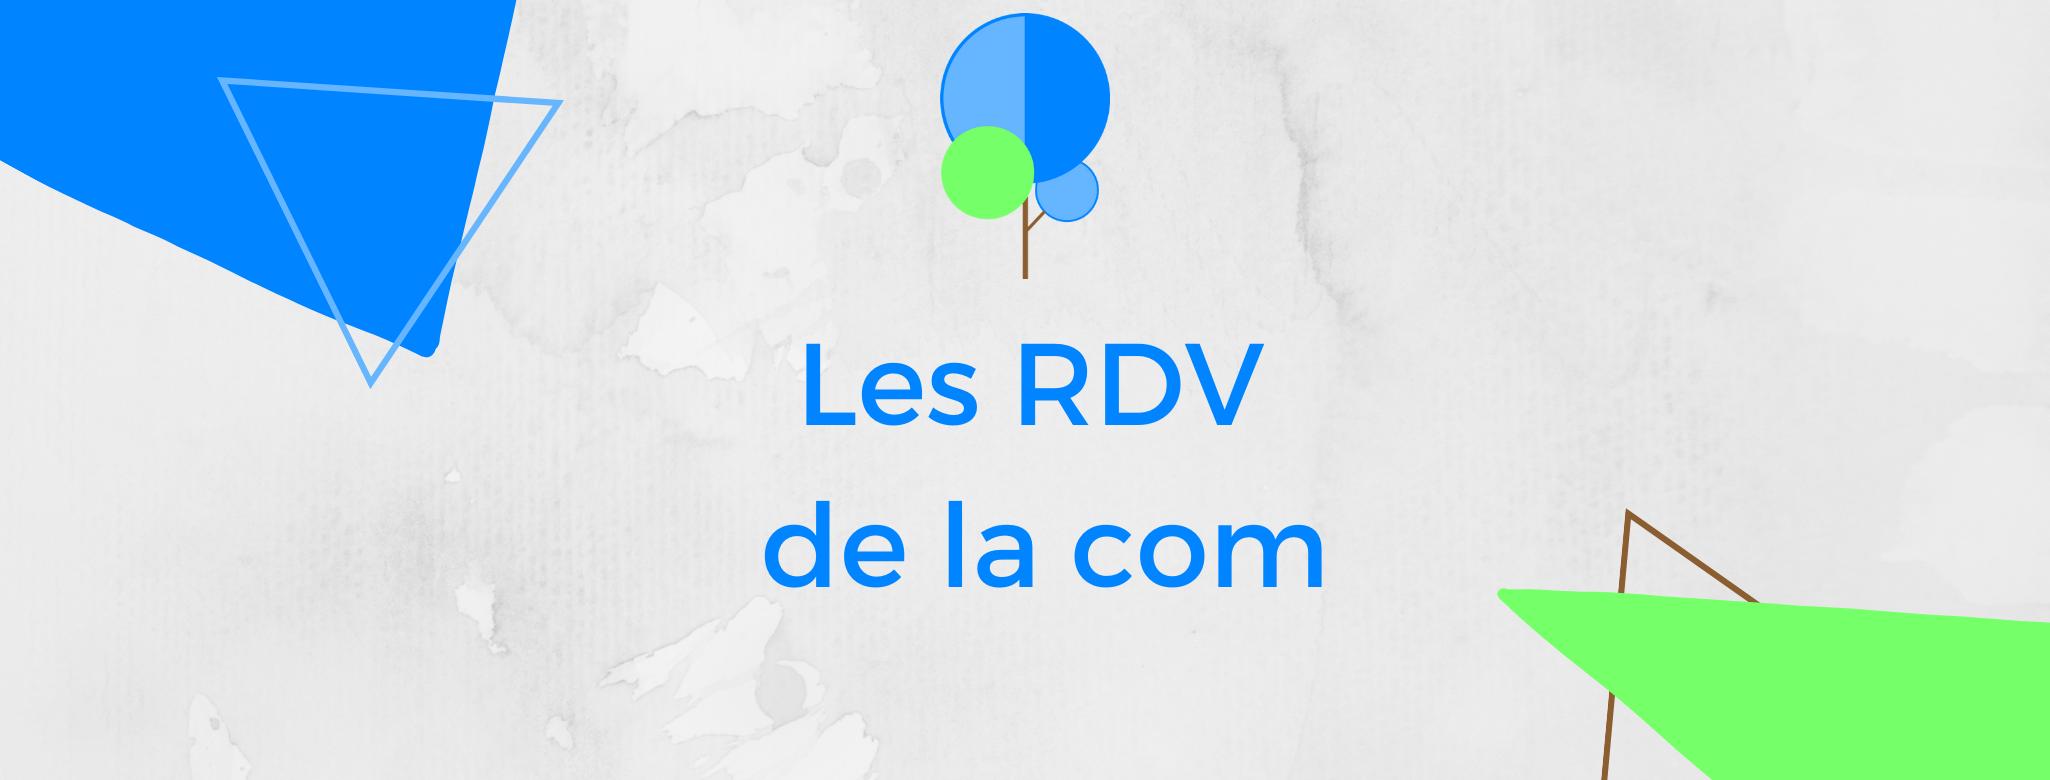 Les RDV de la com